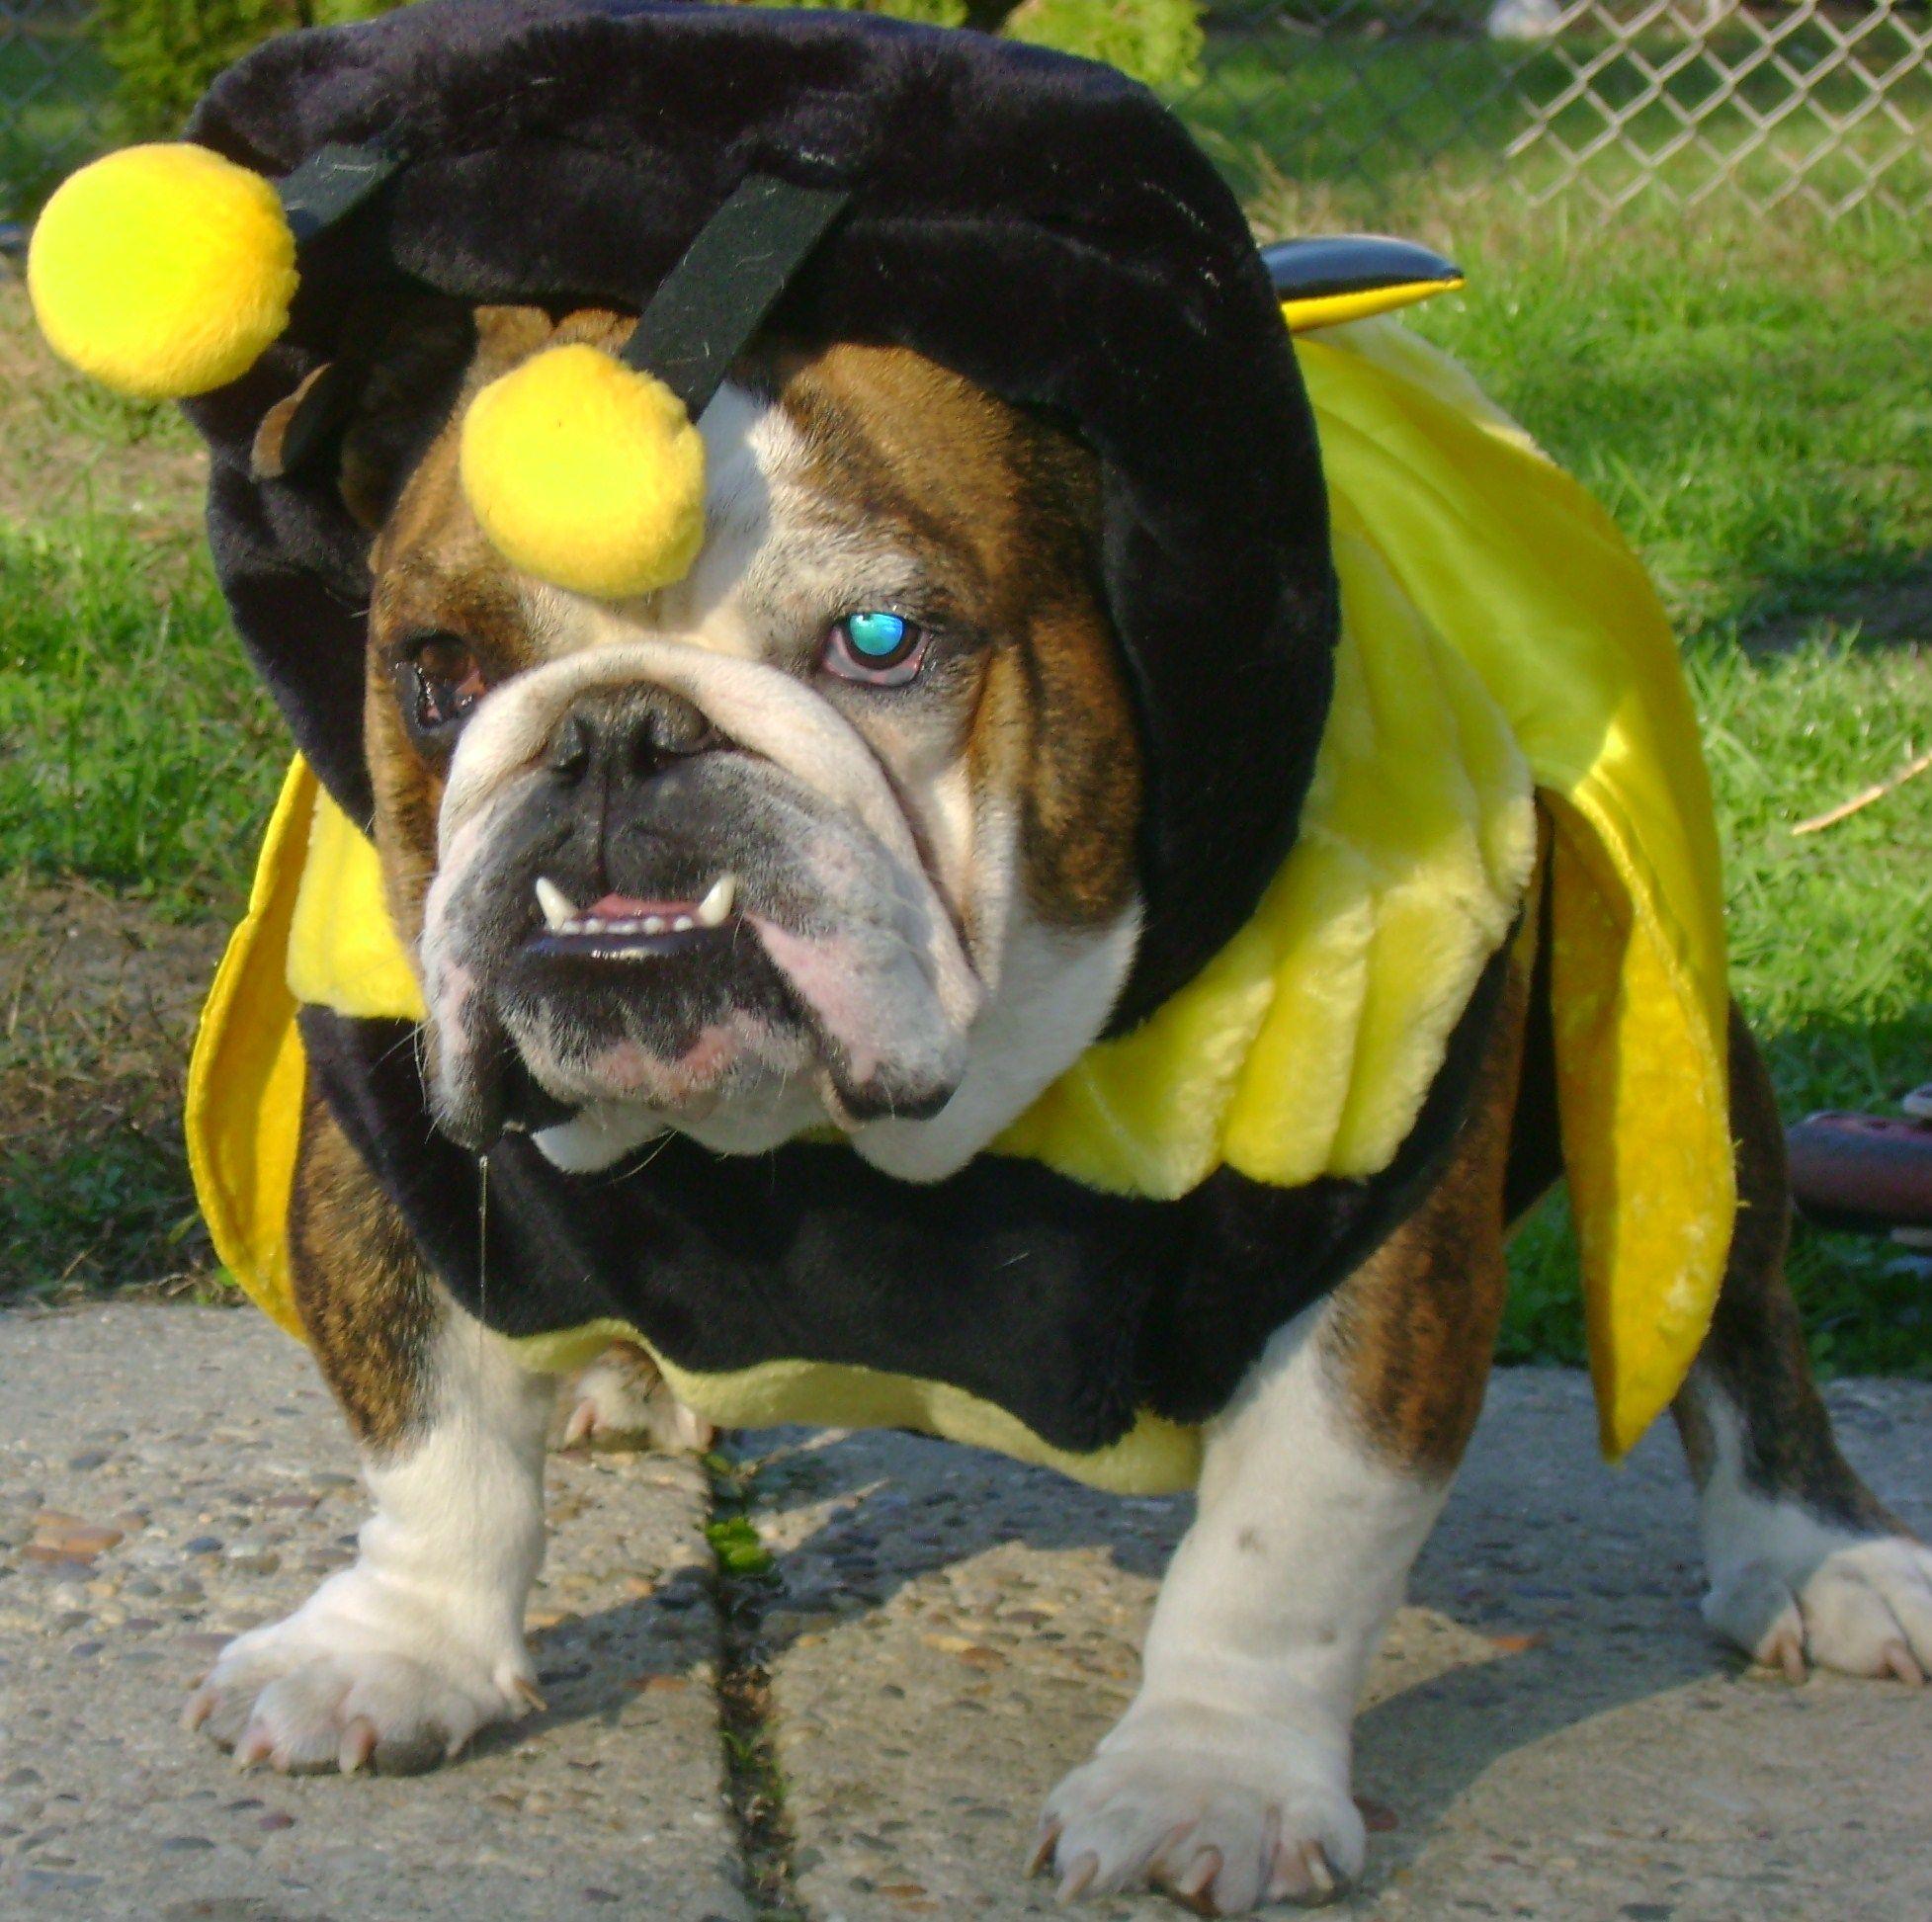 We always knew he was secretly a Yellow Jacket fan